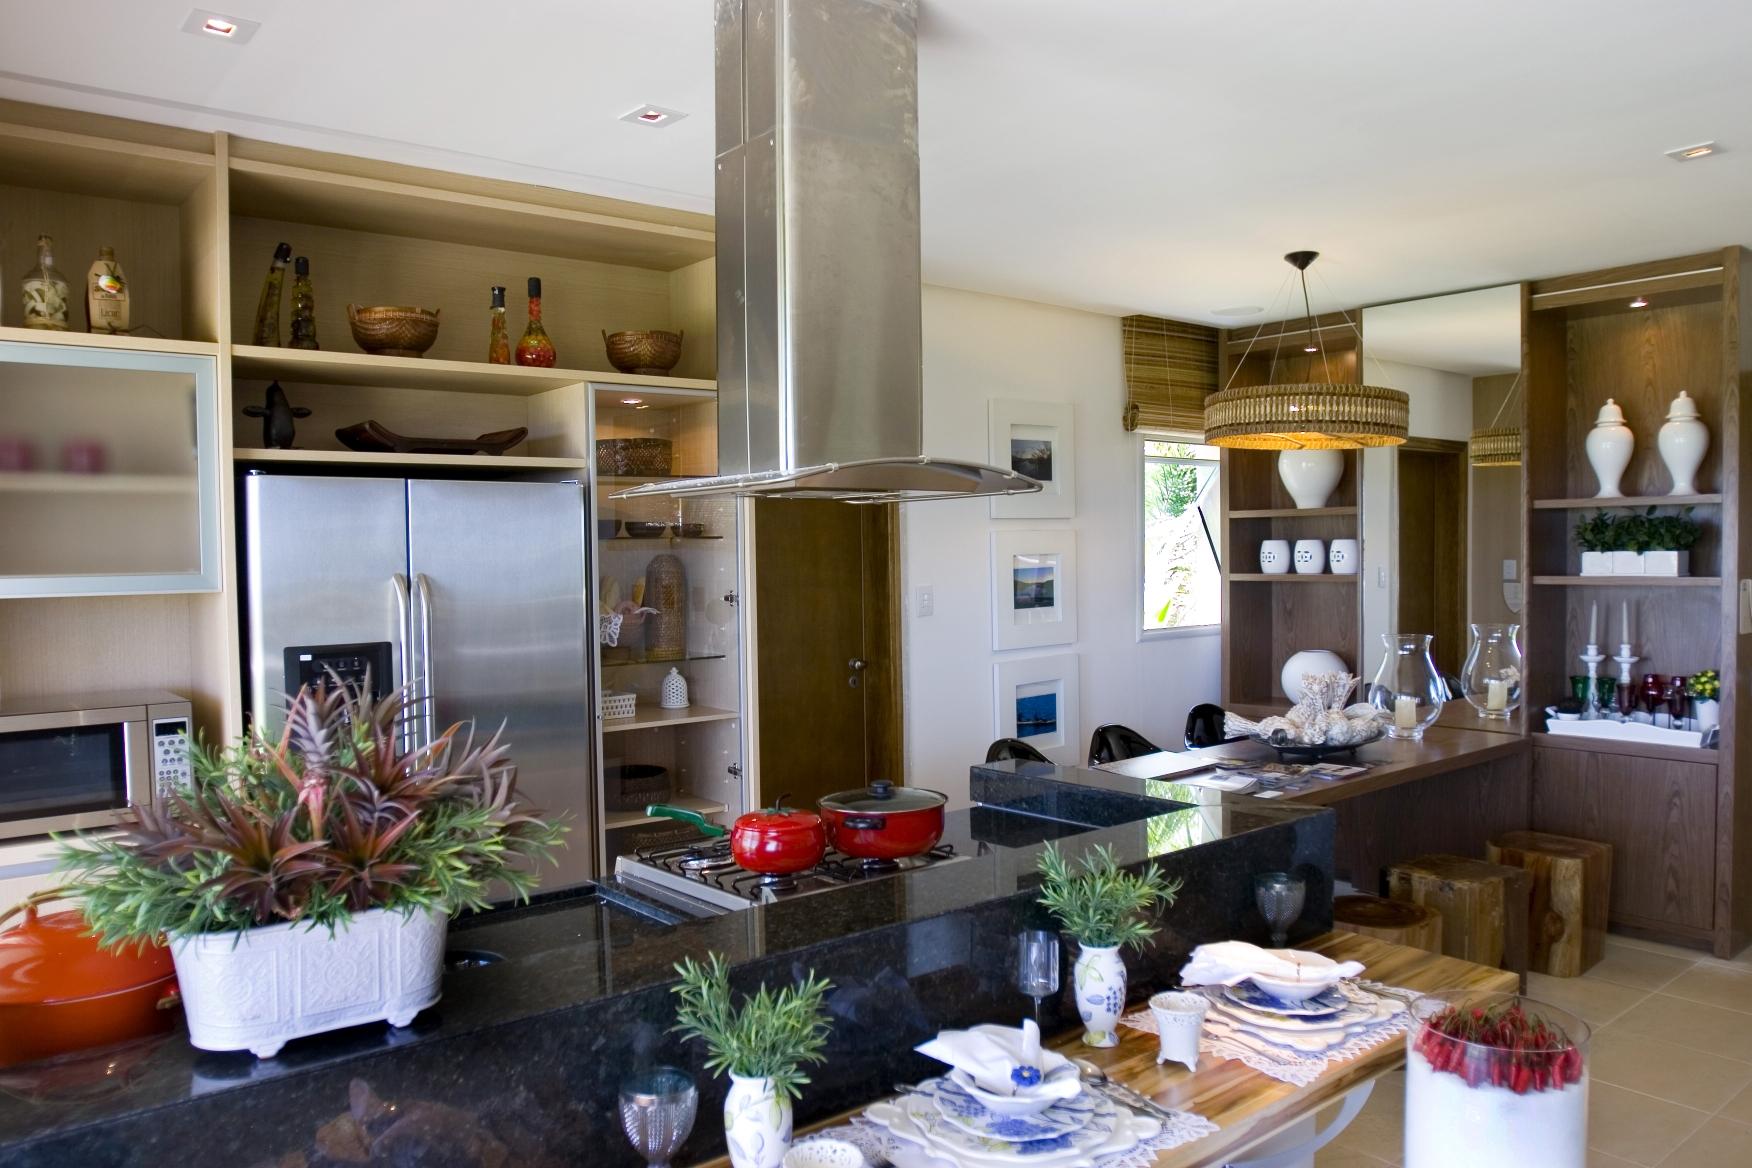 Cozinha integrada com balcão e coifa-ilha